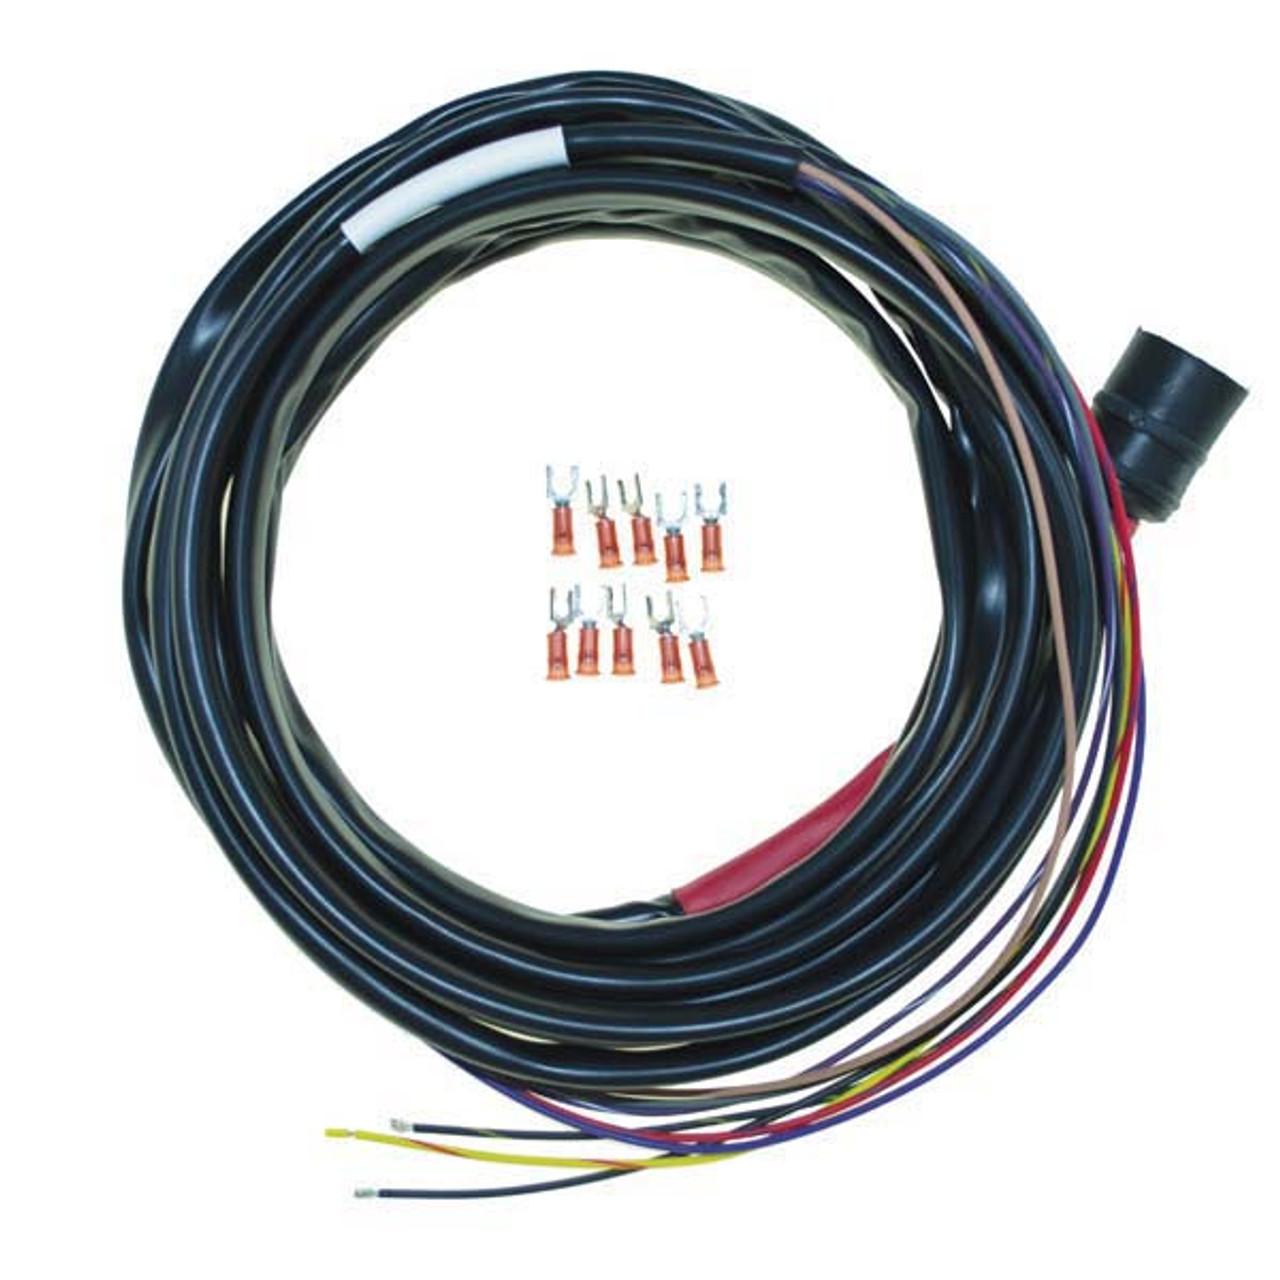 evinrude wire harness cdi 473 9410 johnson evinrude boat harness  cdi 473 9410 johnson evinrude boat harness